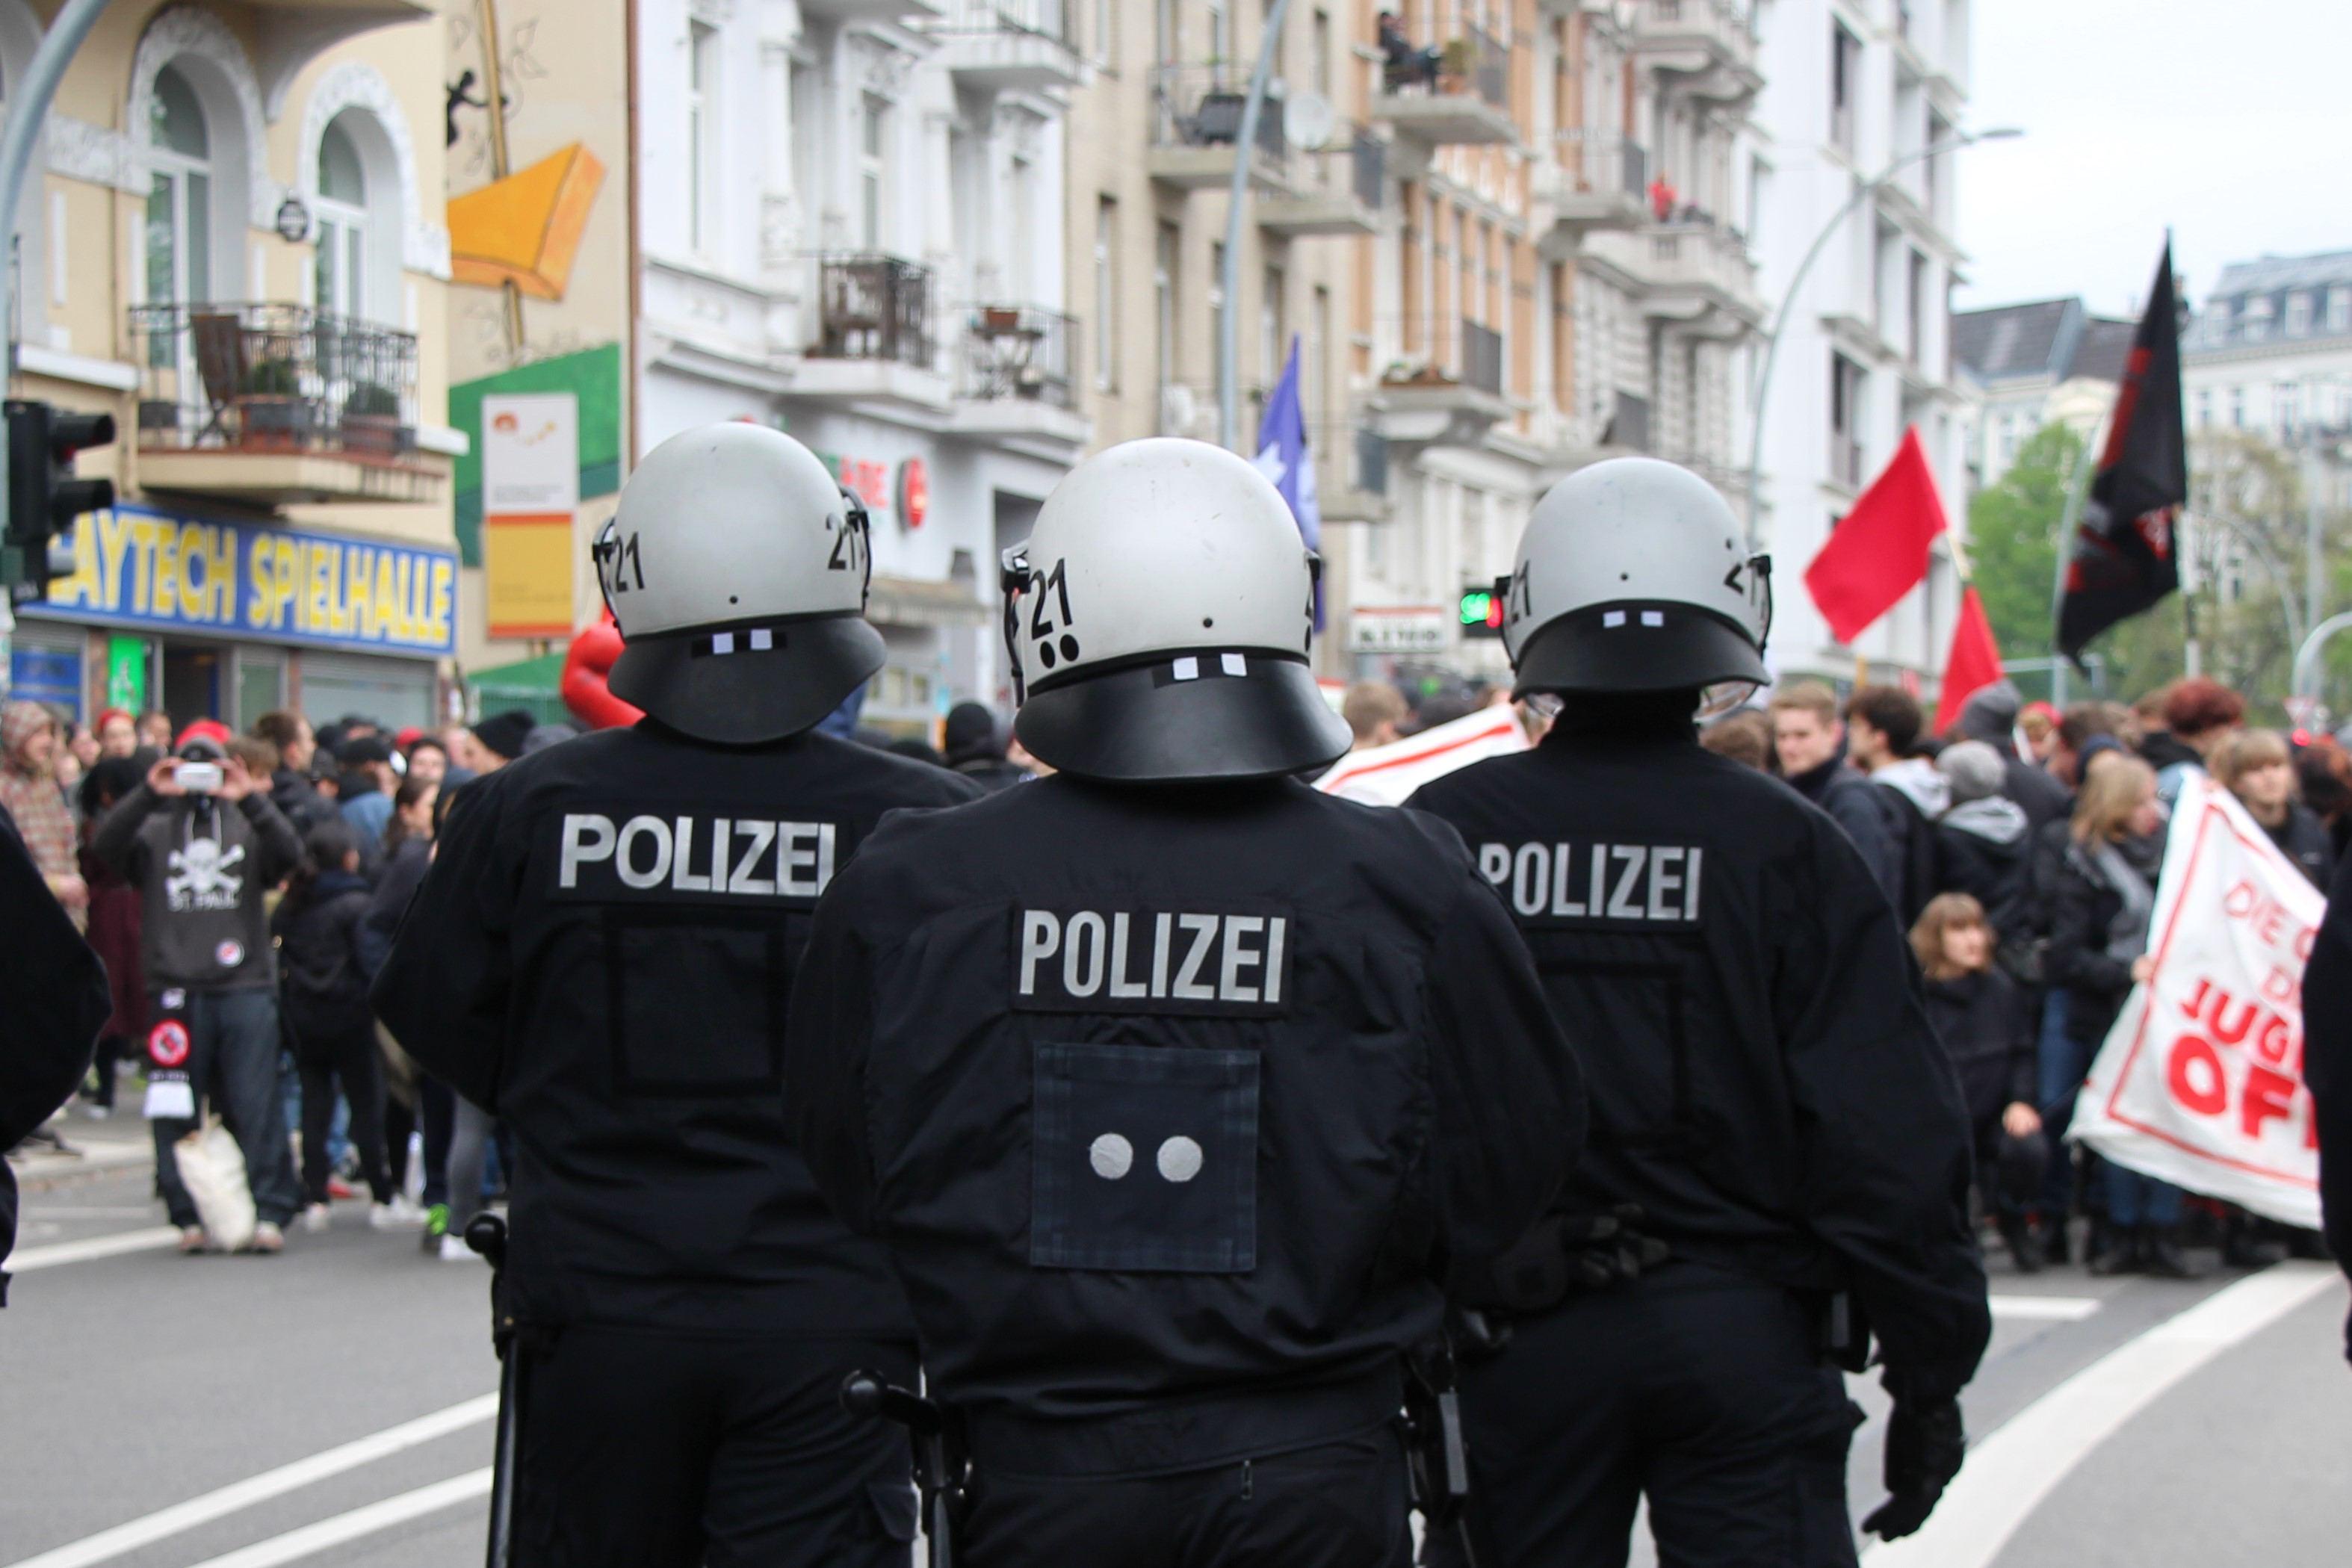 Insgesamt 2.040 Polizeibeamte aus Schleswig-Holstein, Bremen und Hamburg waren in Einsatz. Foto: Catharina Rudschies